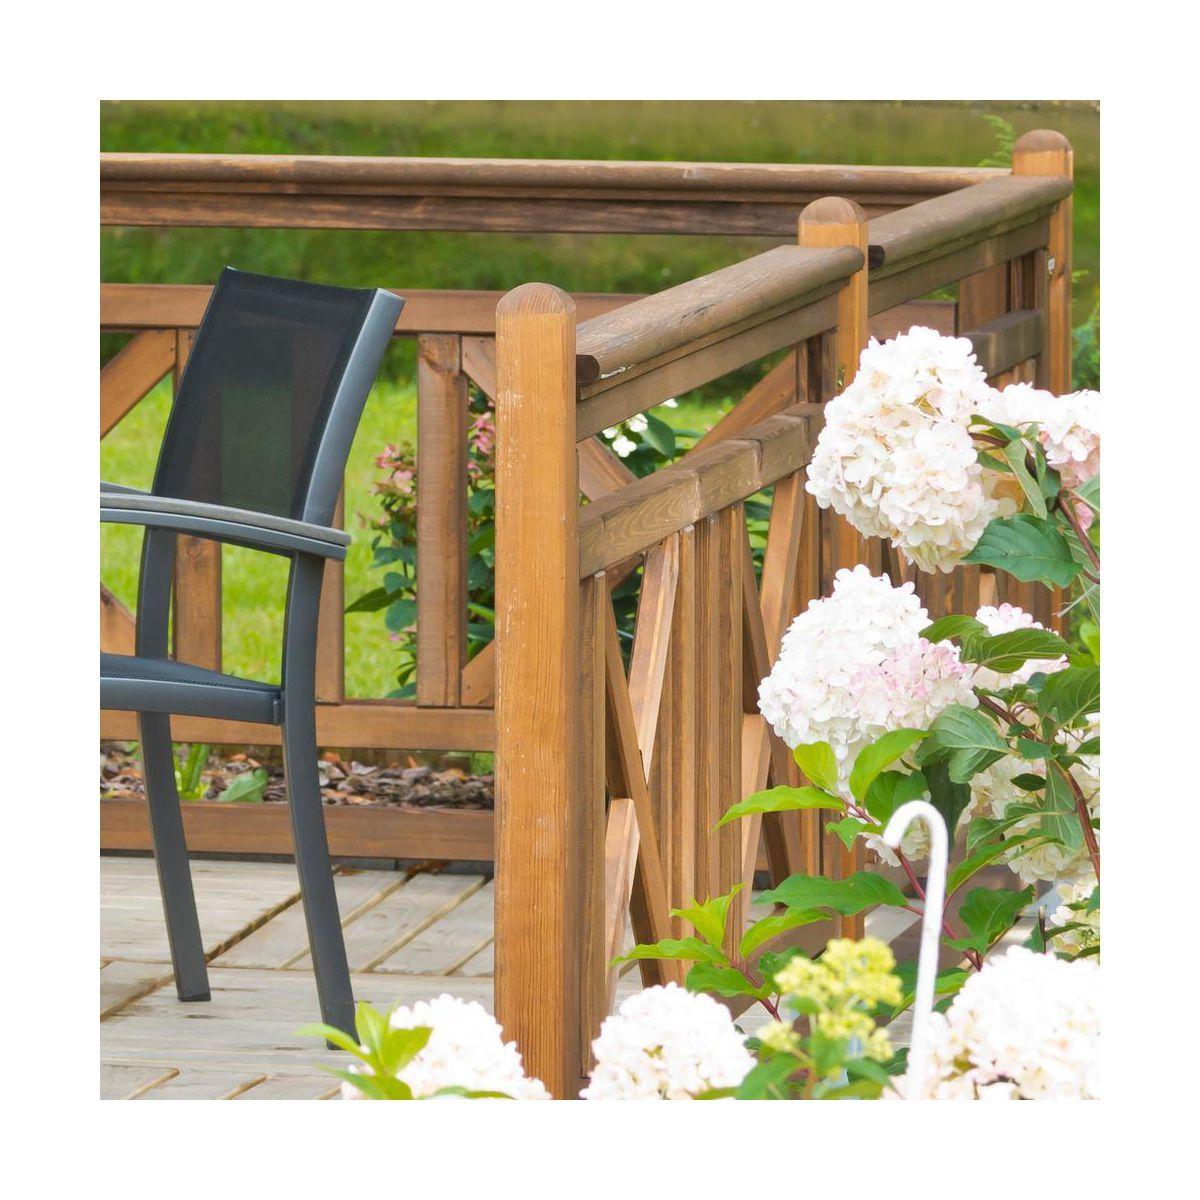 Plot Tarasowy Z Porecza Ken Sobex W Atrakcyjnej Cenie W Sklepach Leroy Merlin Outdoor Furniture Sets Outdoor Chairs Outdoor Furniture